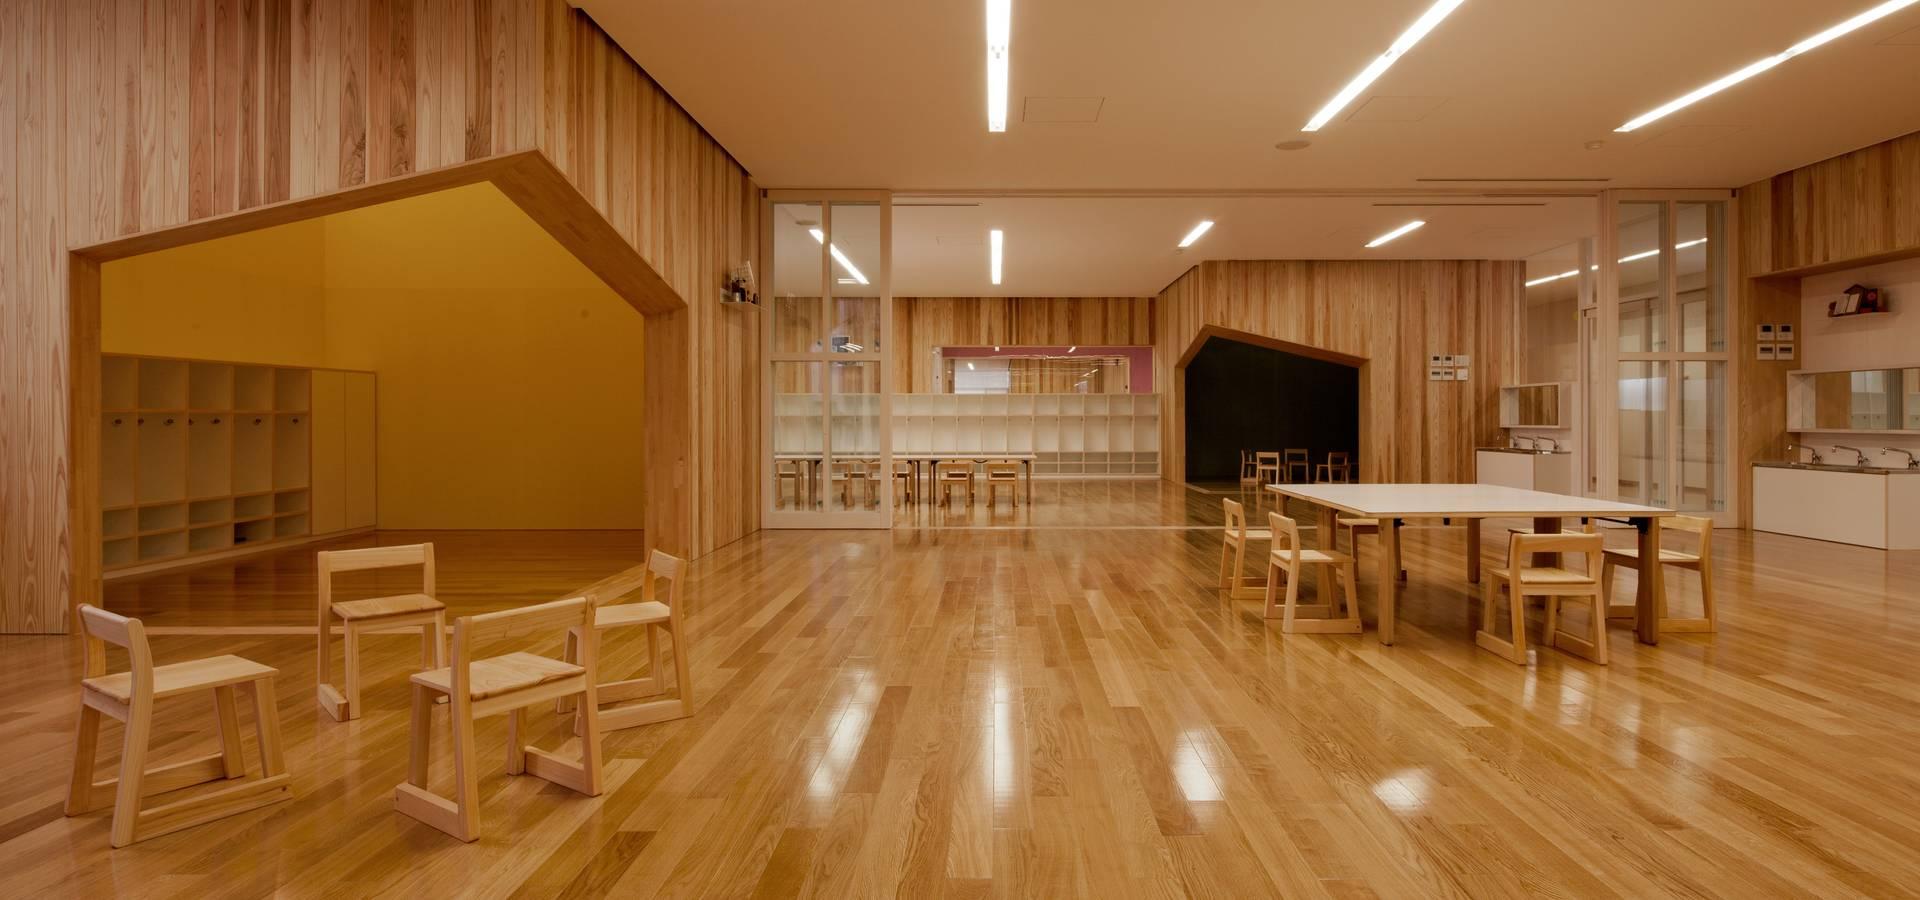 Archivision Hirotani Studio